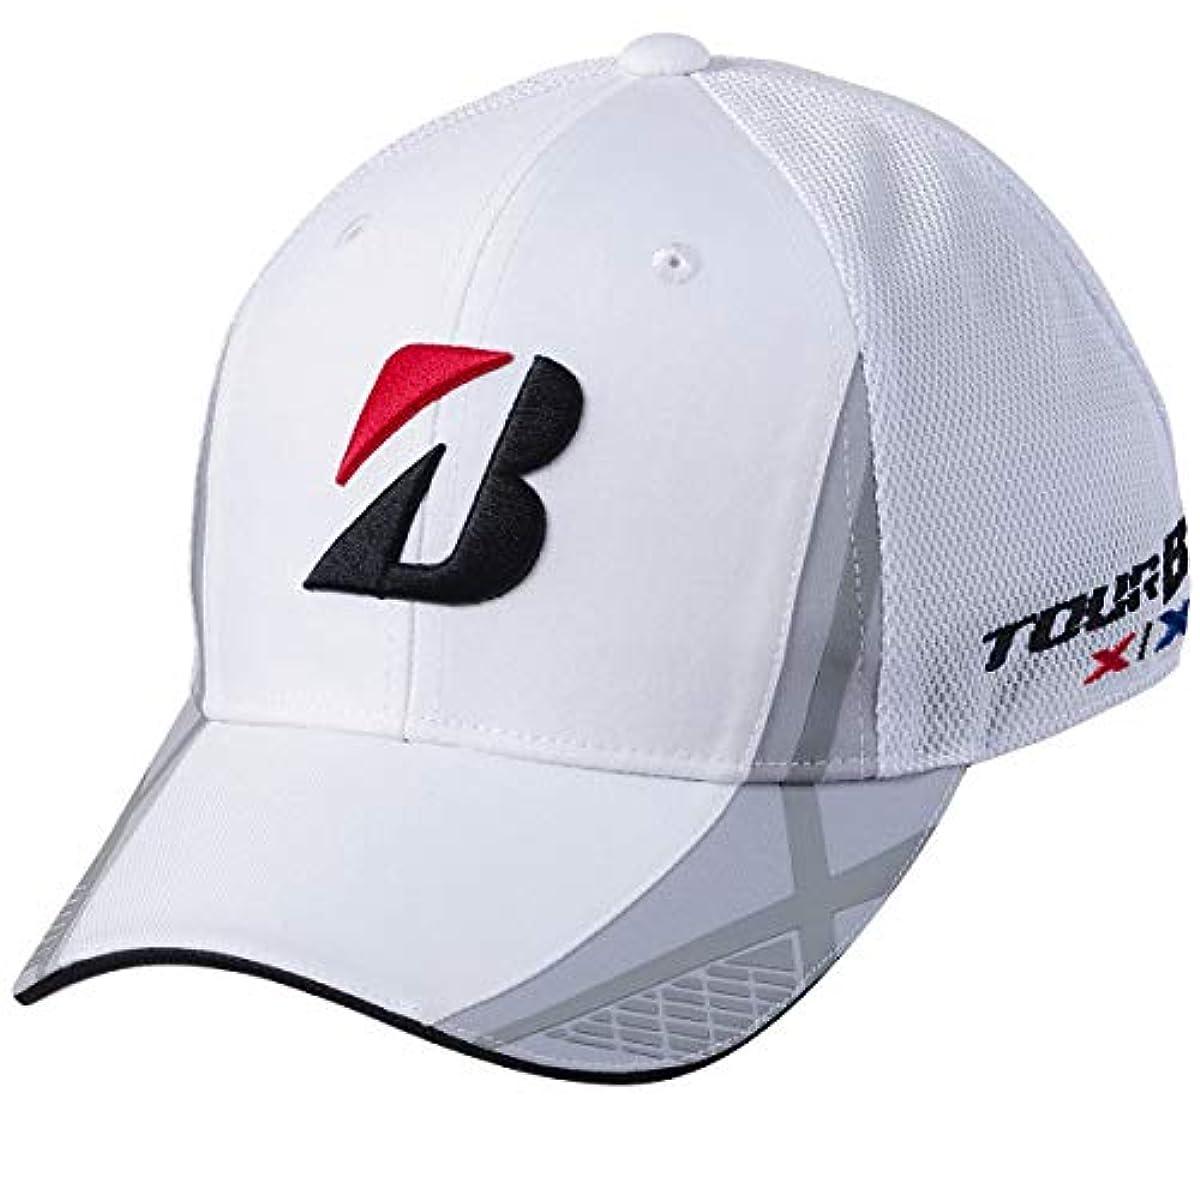 [해외] 브리지스톤 투어B 프로 착용 모델 캡 CPSG01 (CPSG01) 골프 캡 20SS 맨즈 BRIDGESTONE